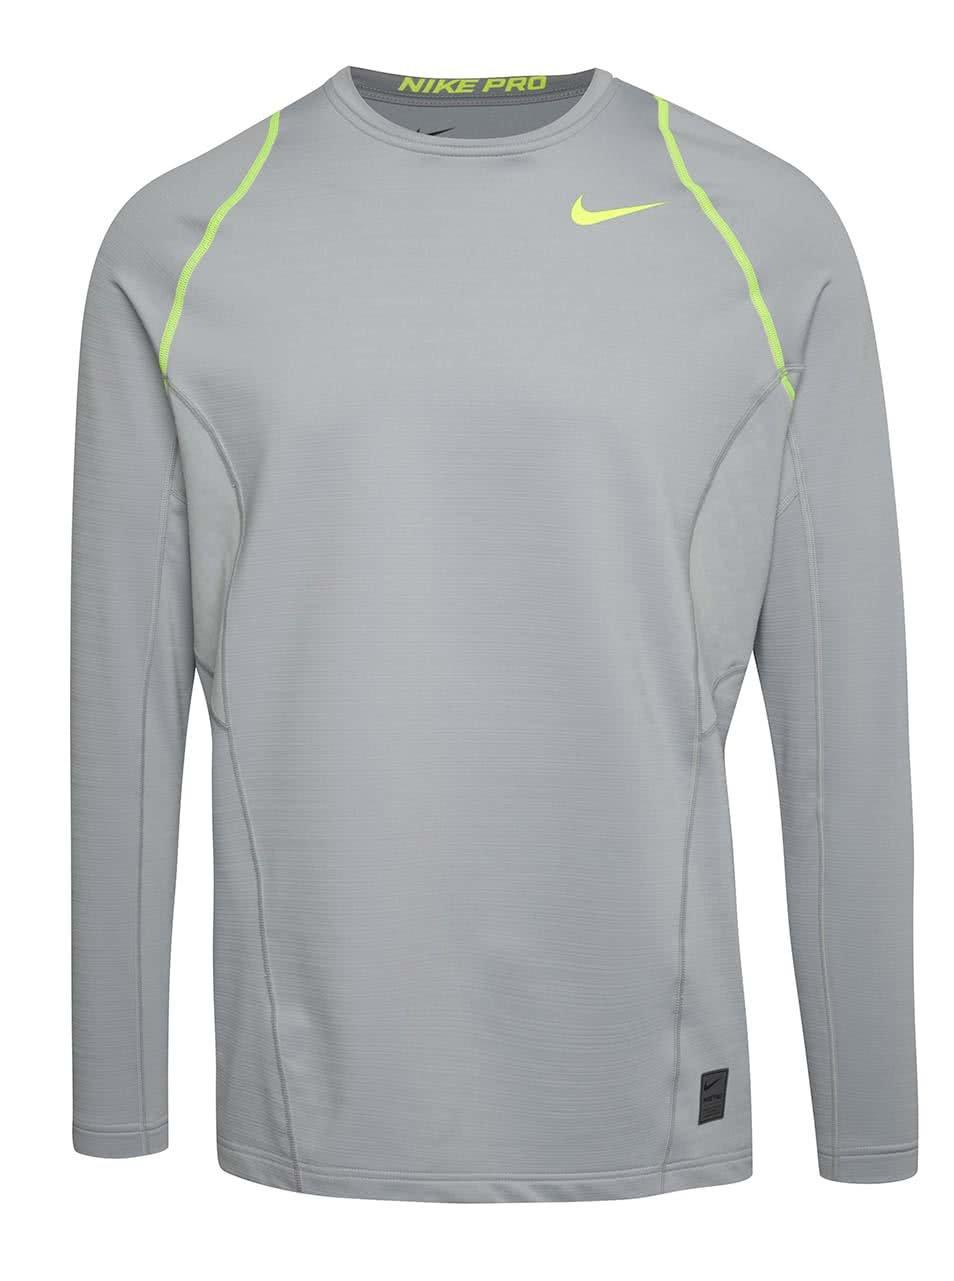 47a2132db05 Šedé pánské funkční triko s dlouhým rukávem Nike Pro Hyperwarm ...